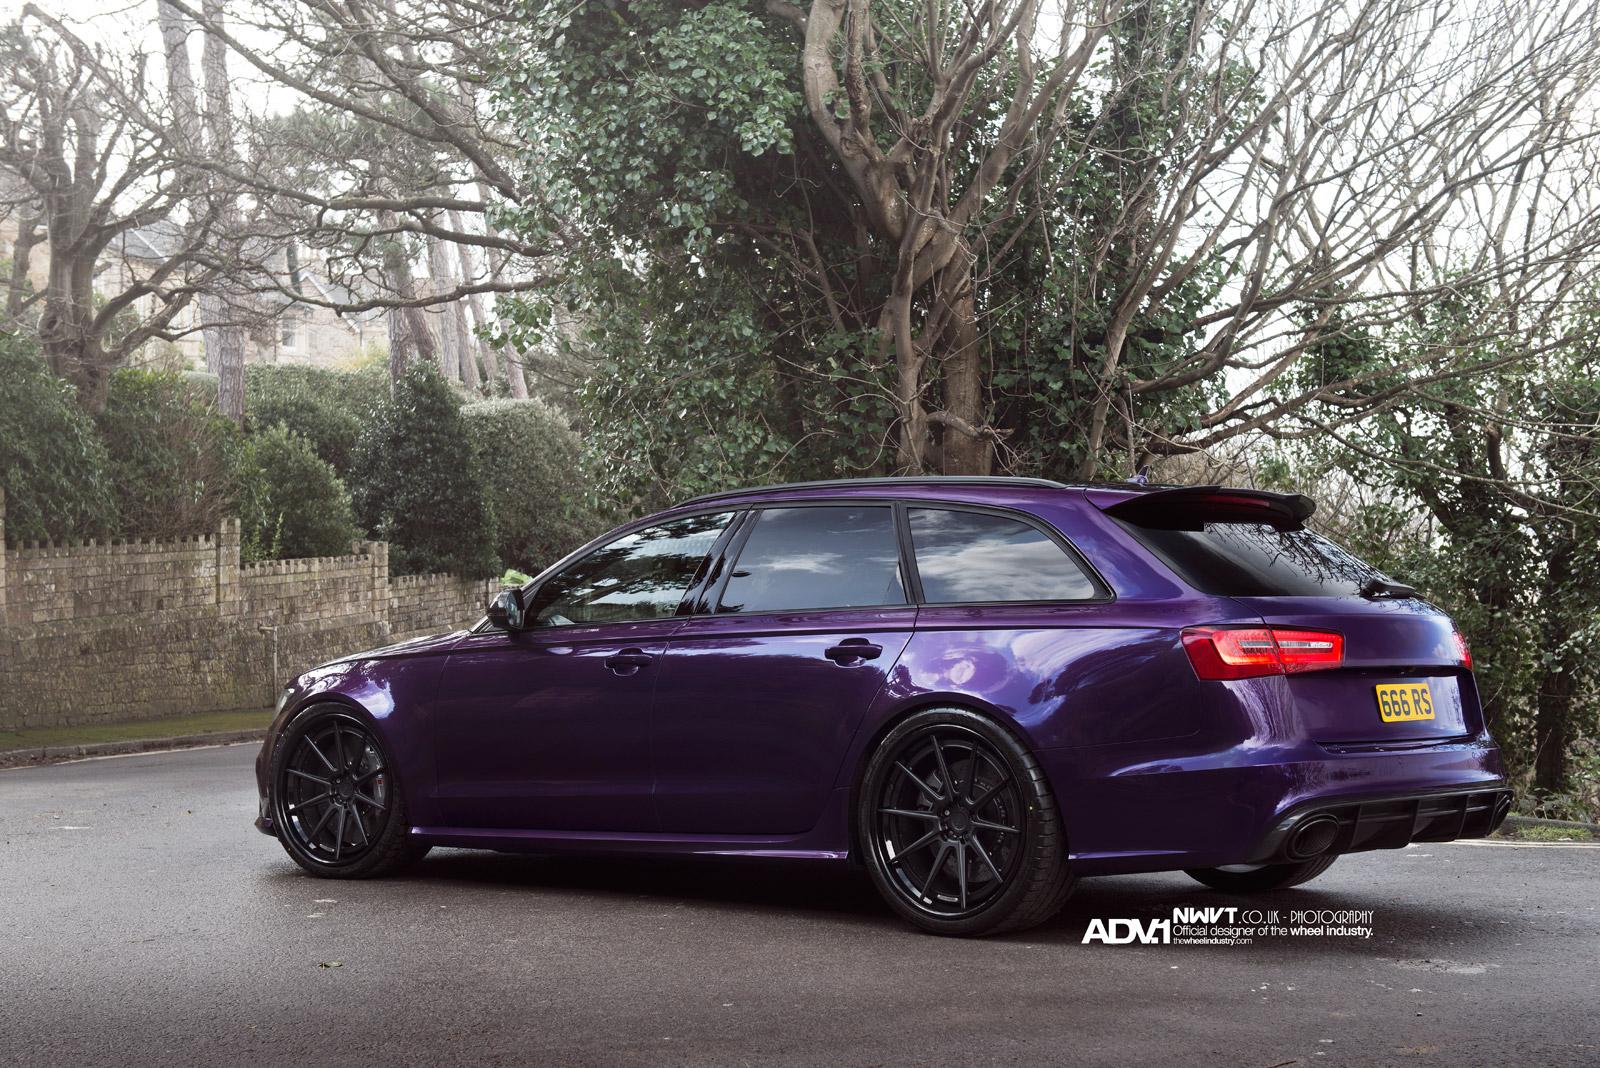 Purple Grand Cherokee >> Purple Sled: Audi RS6 Avant on ADV.1 Wheels - autoevolution